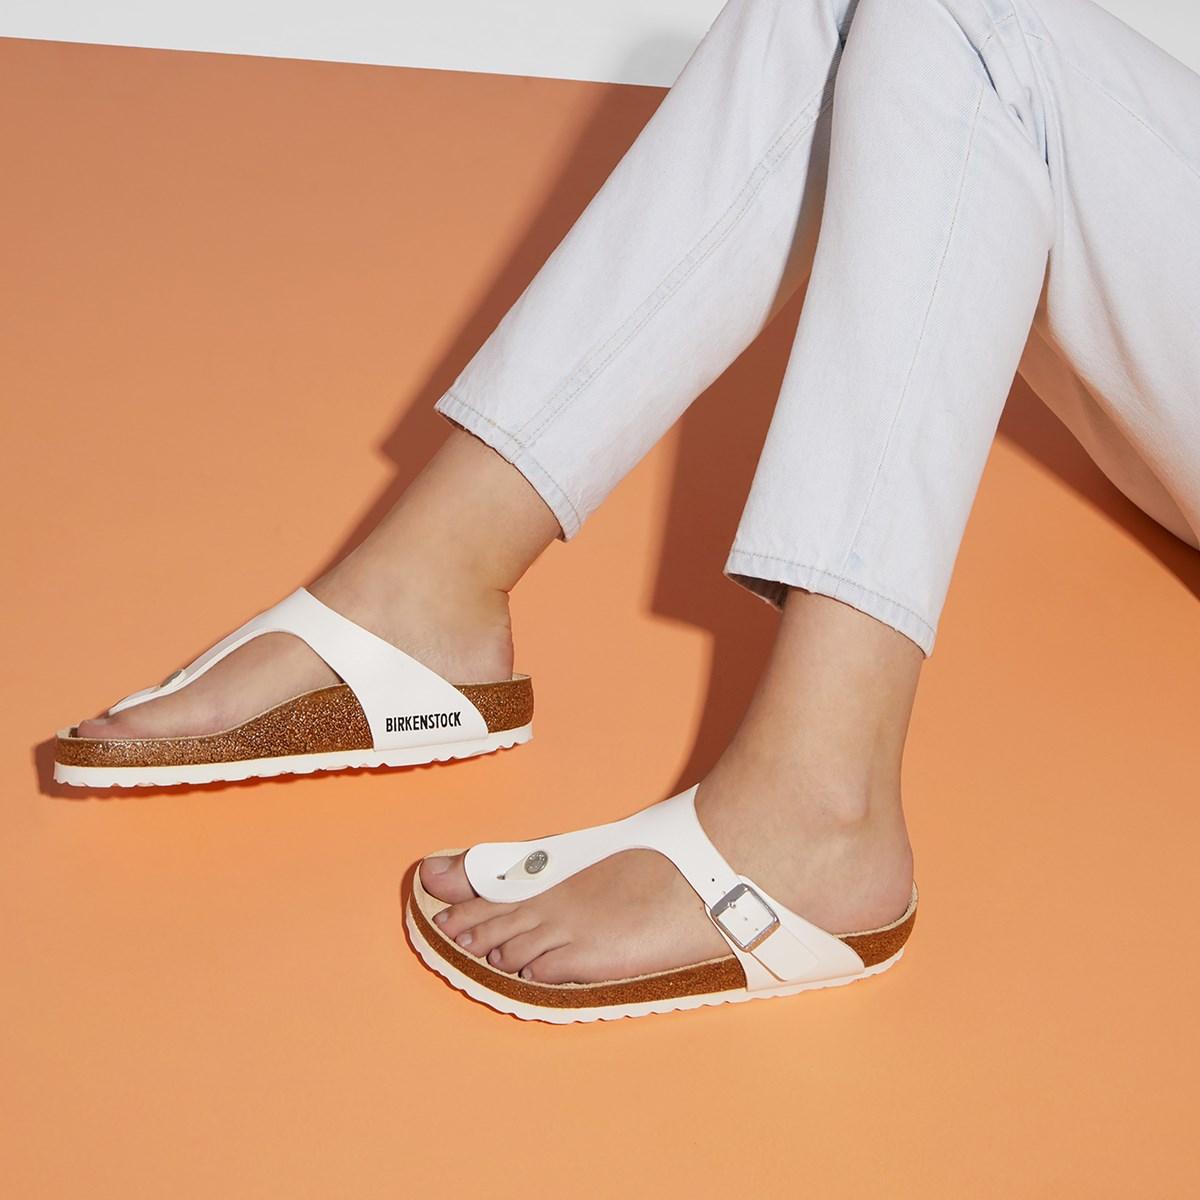 網購Birkenstock涼鞋低至HK$192+免費直運香港/澳門